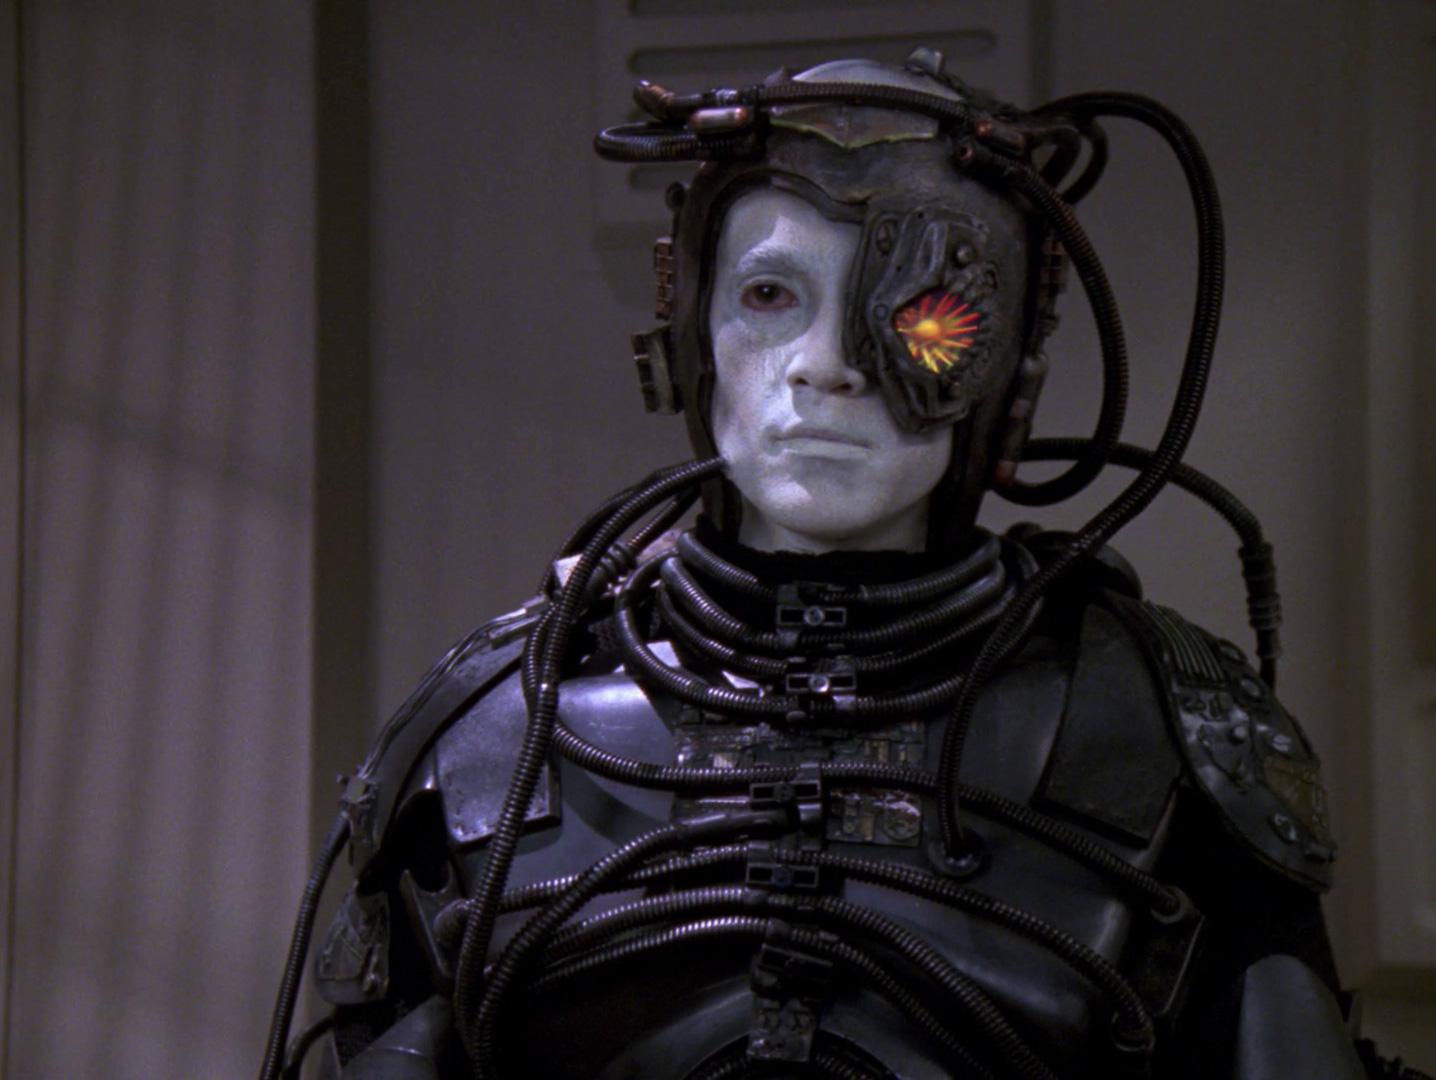 los-extraterrestres-inteligentes-son-probablamente-maquinas Los extraterrestres inteligentes son probablamente máquinas